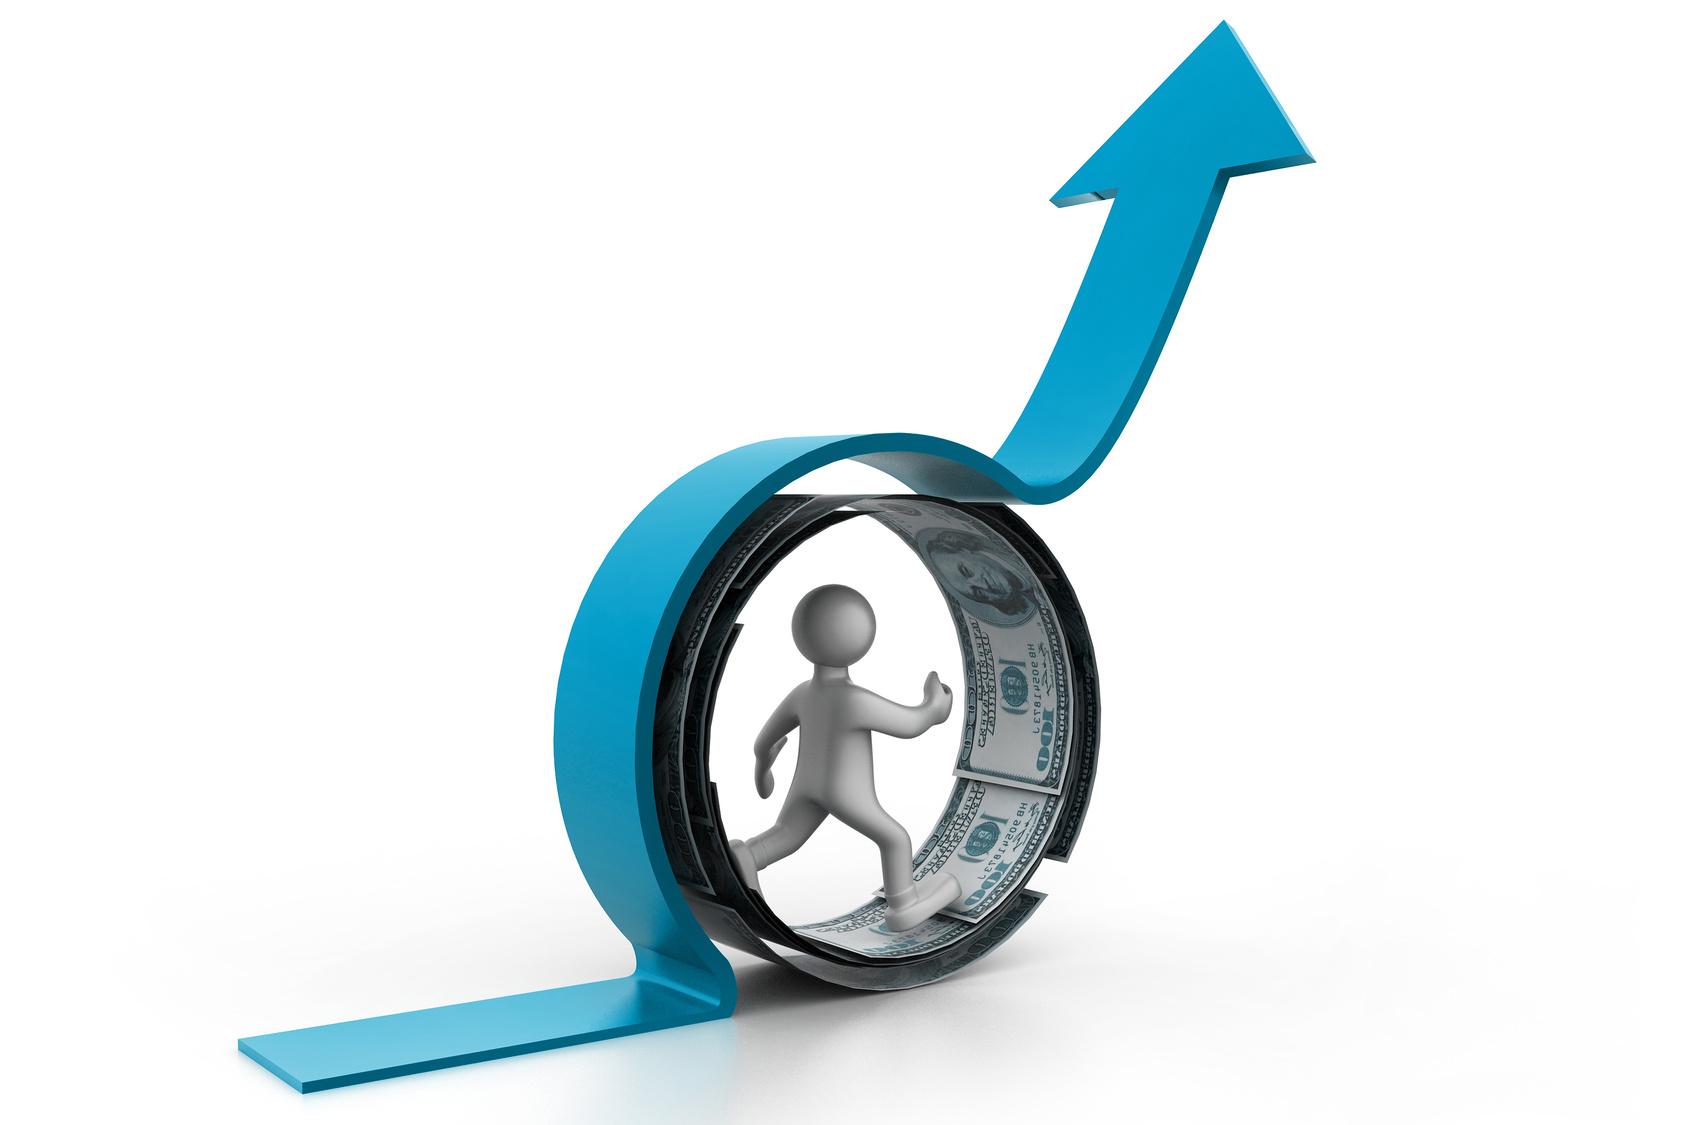 経済活動の活発化